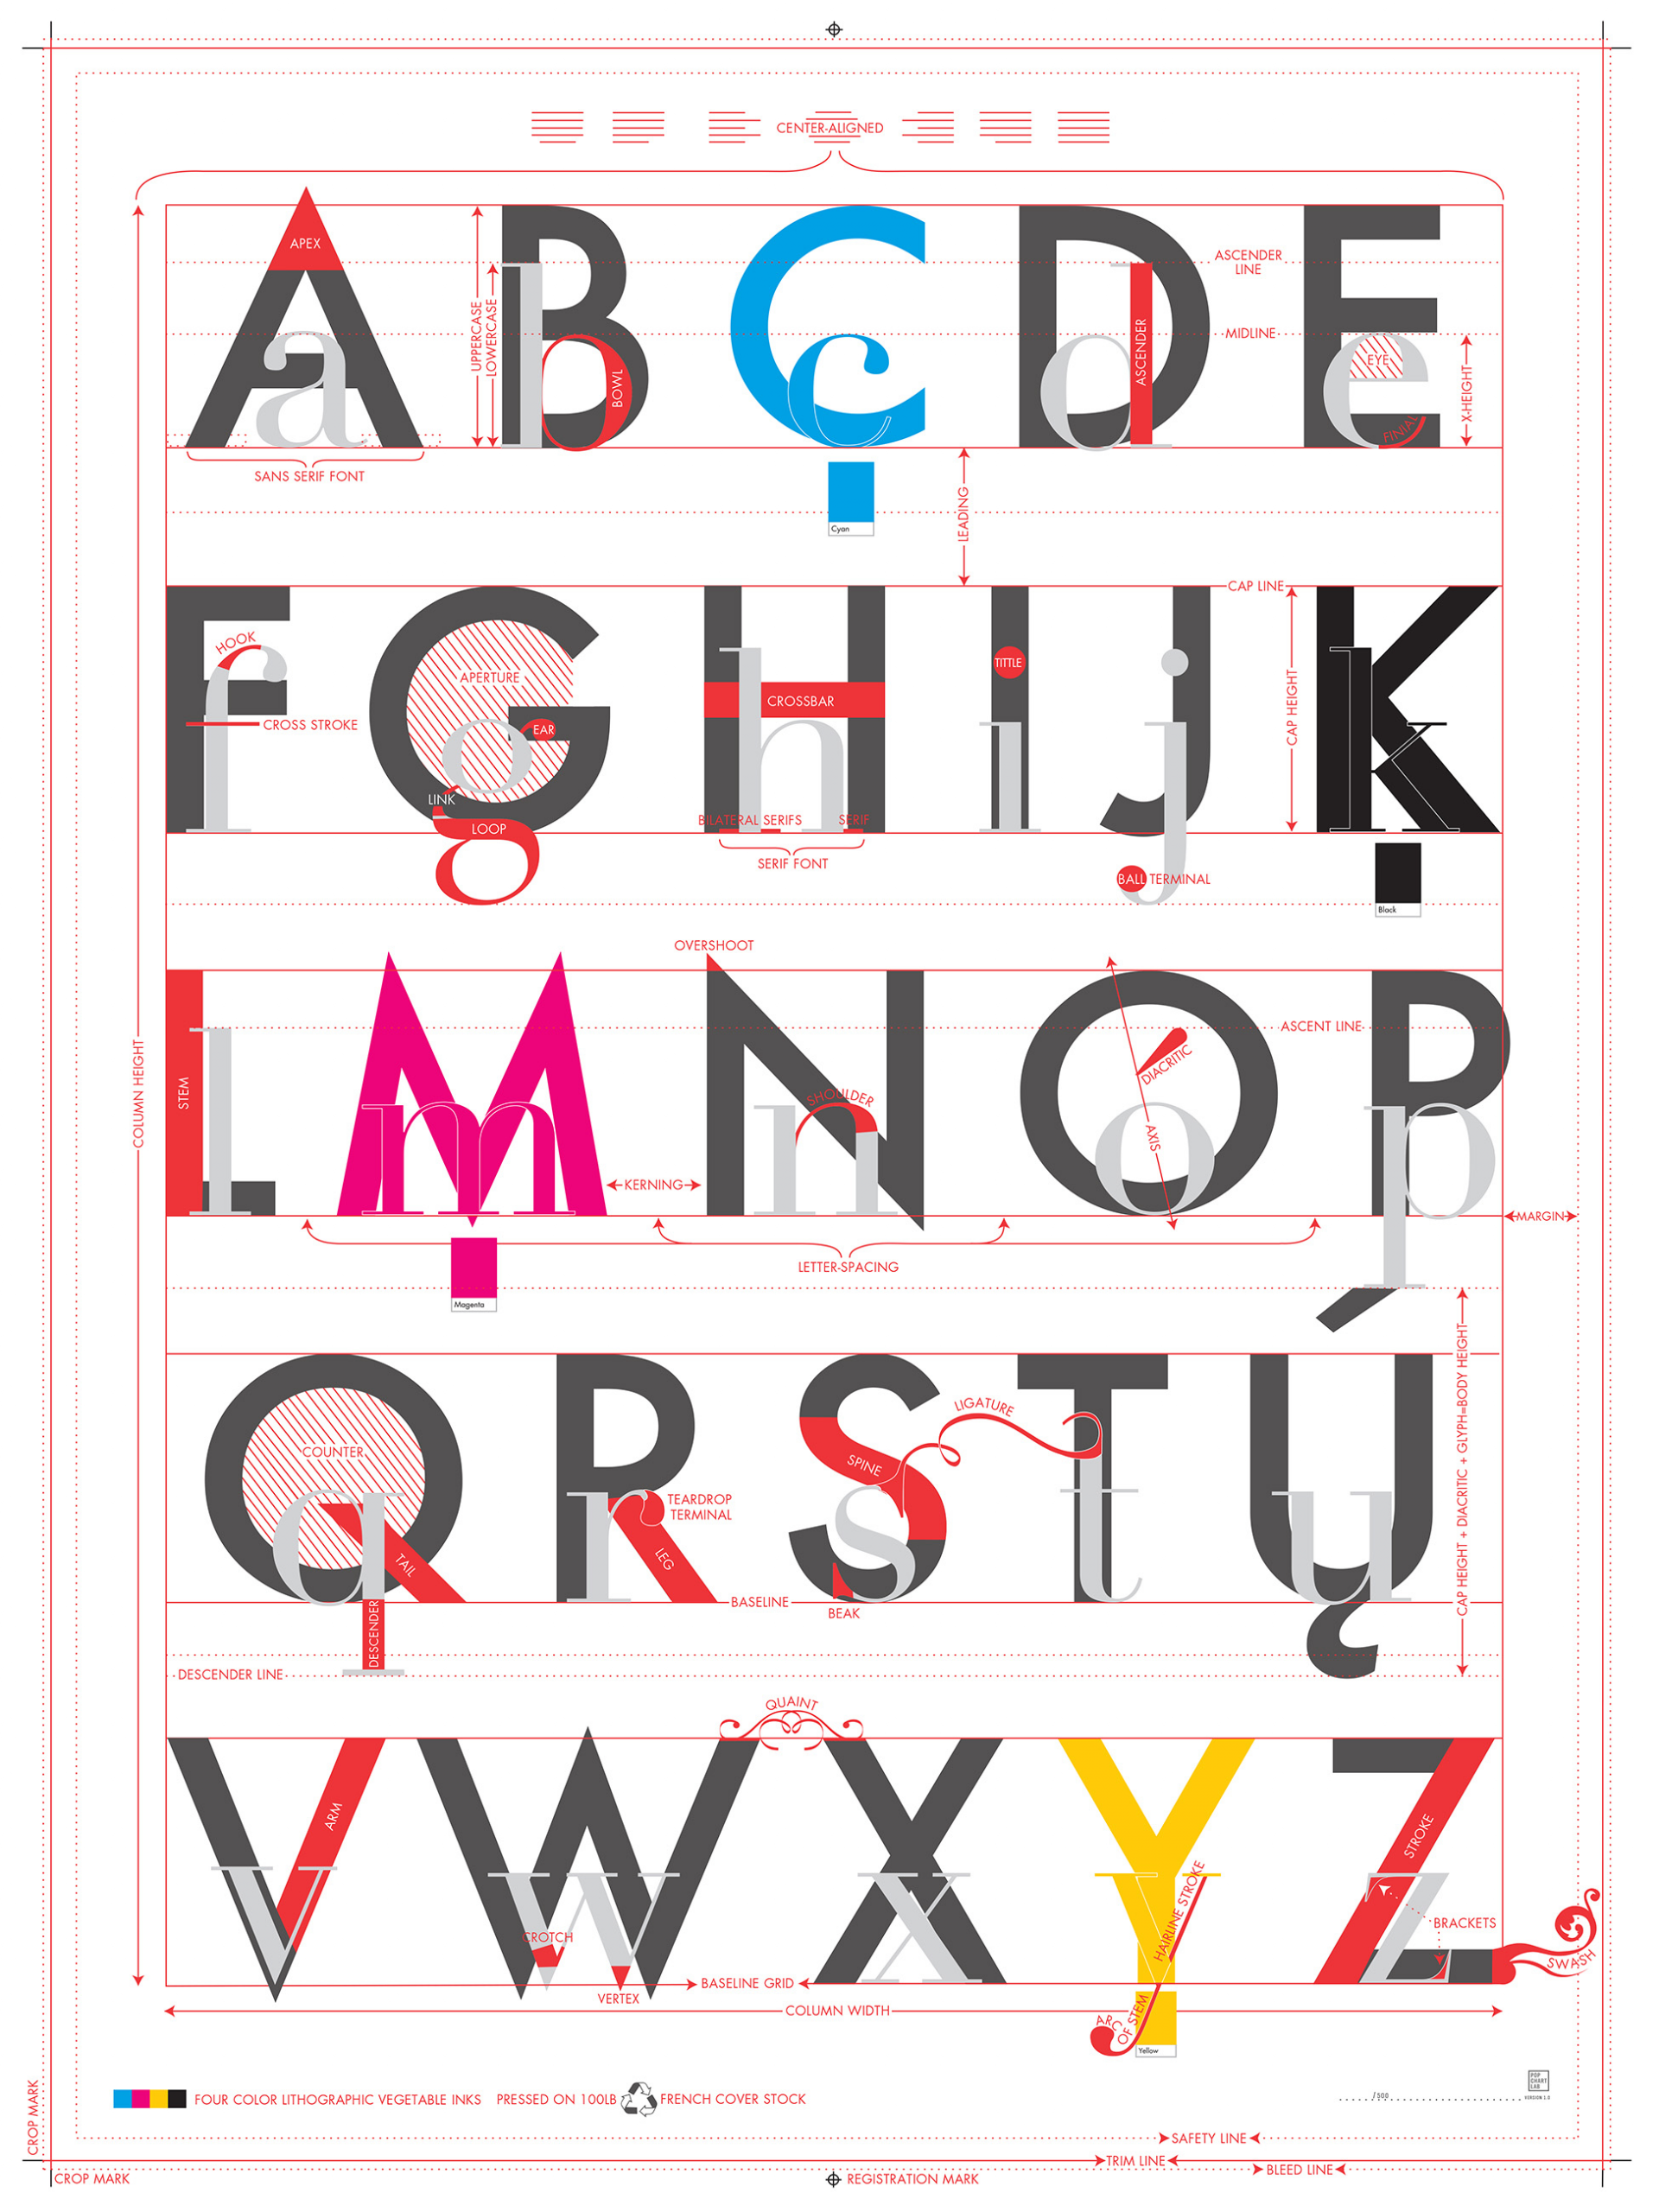 Apprendre La Typo Comme Les Lettres De L'alphabet À L'école intérieur Apprendre Les Lettres De L Alphabet